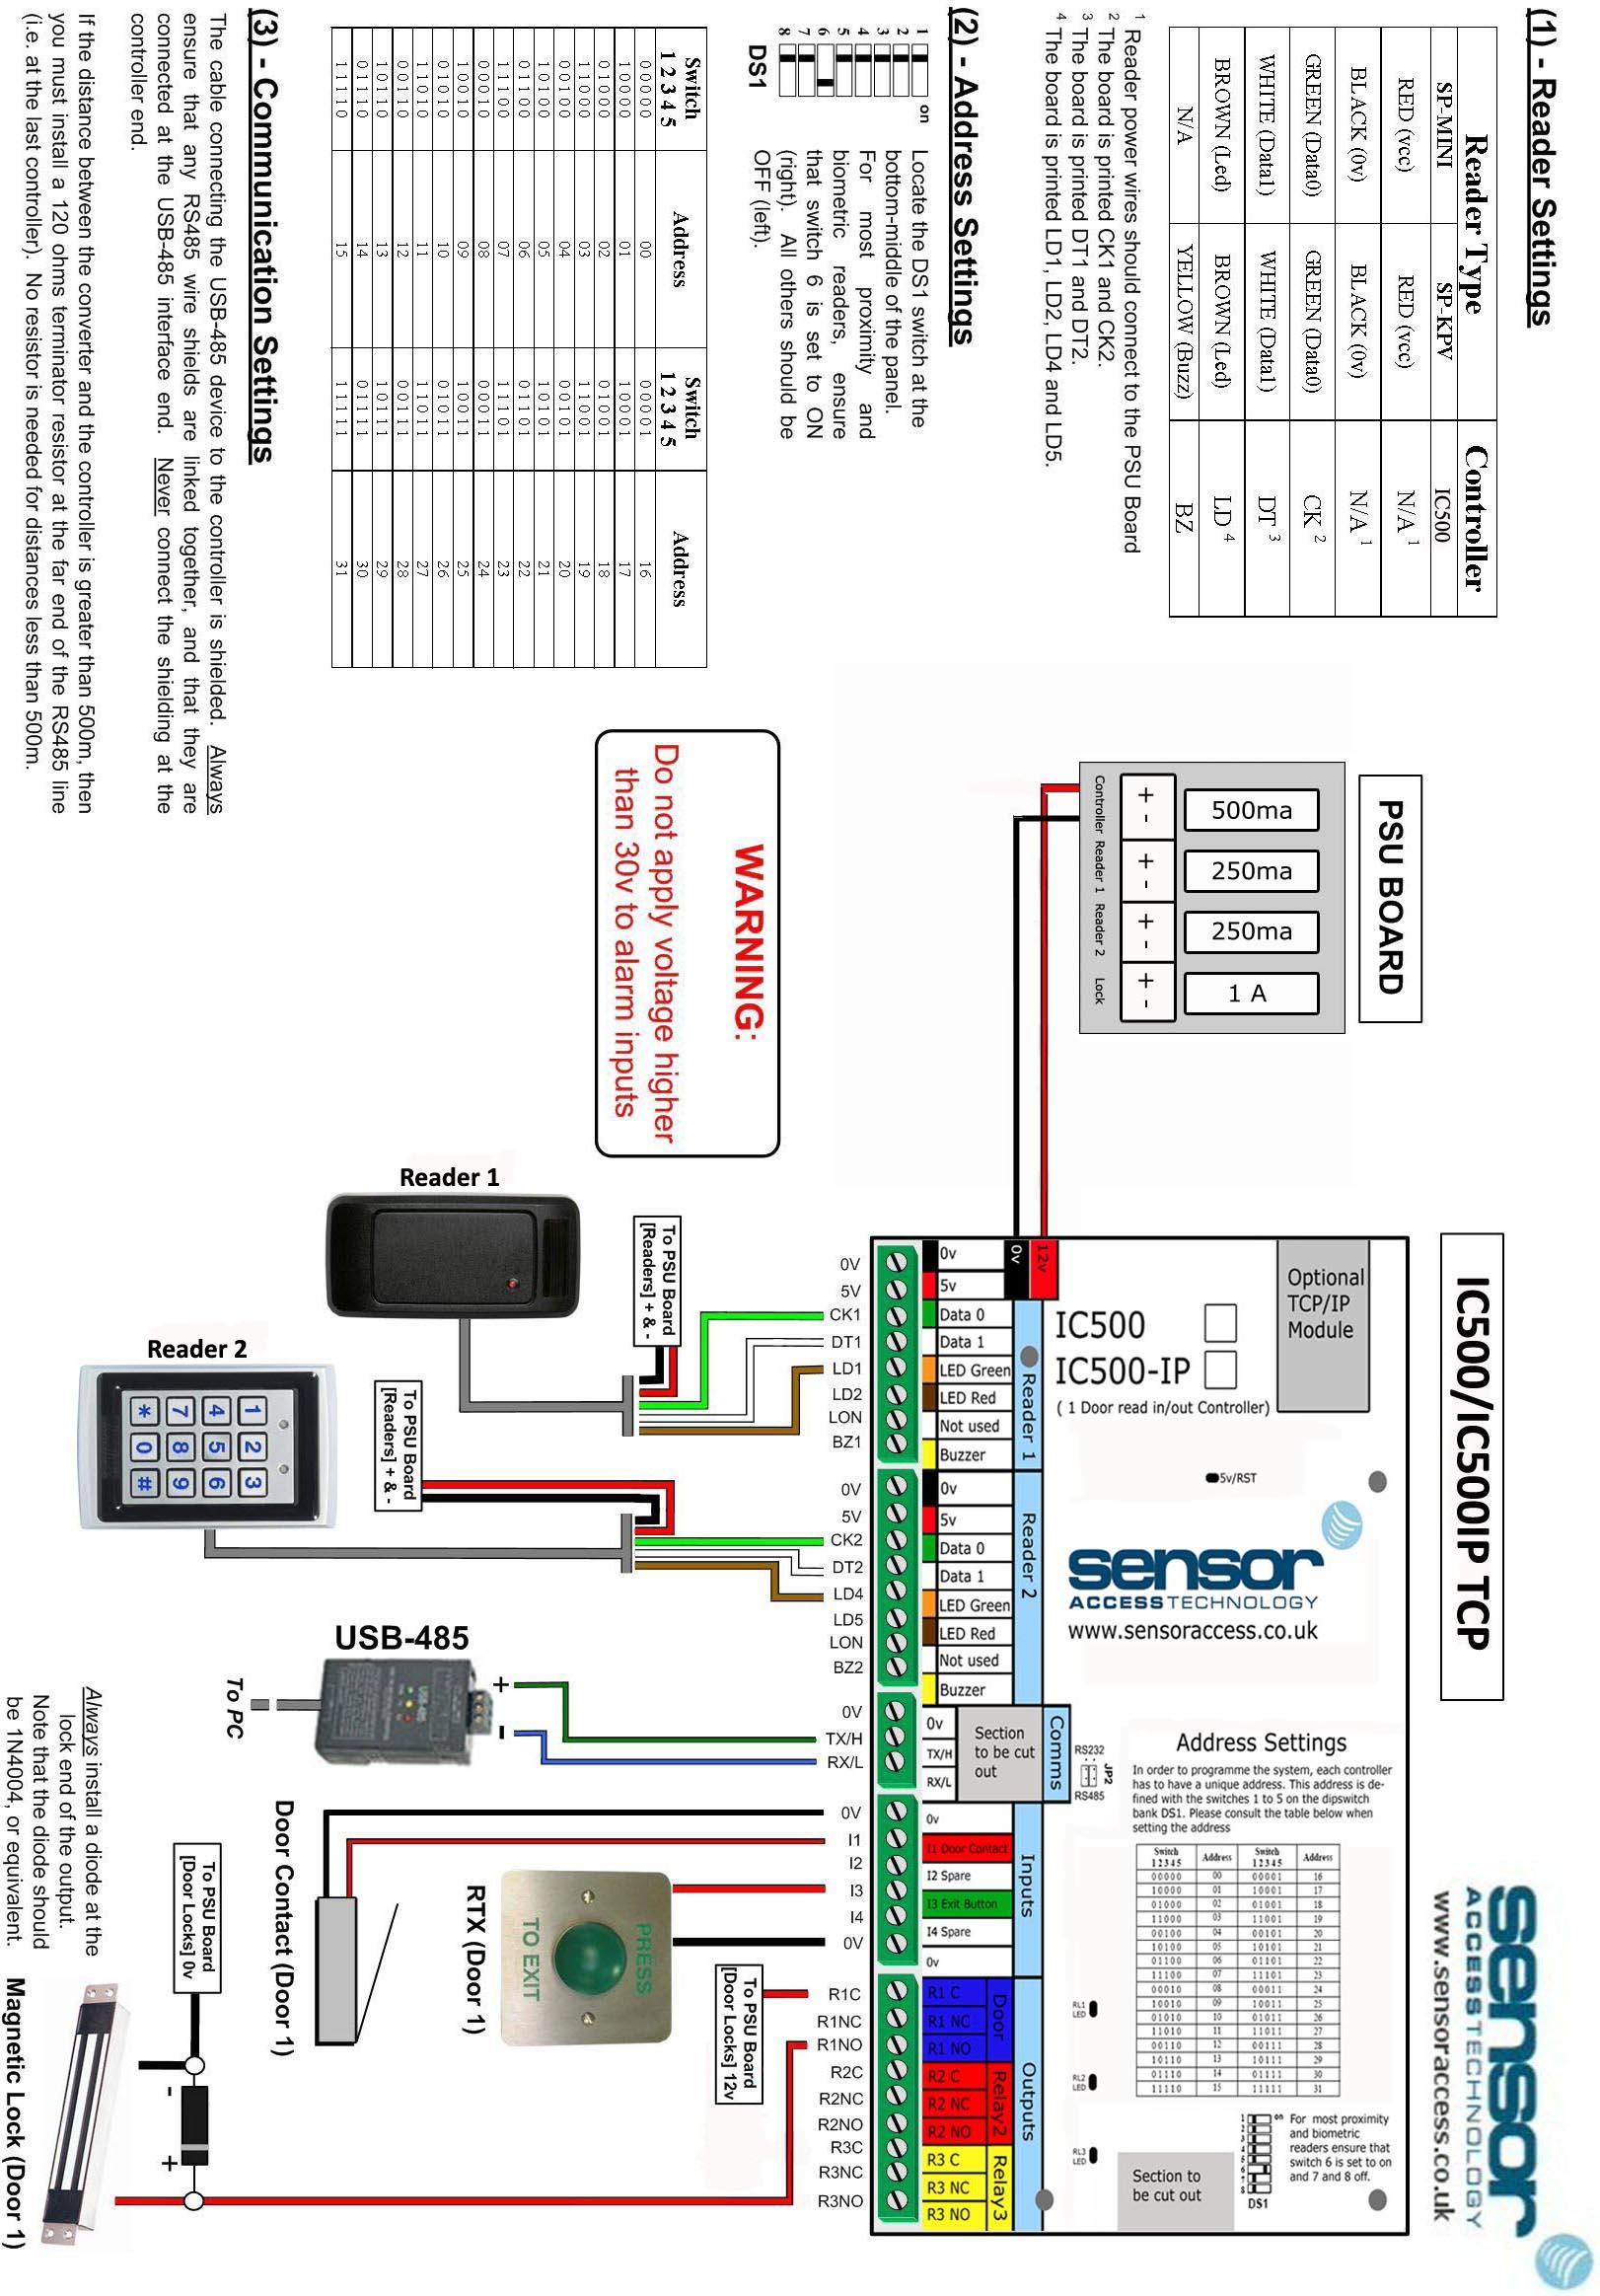 Software & Hardware Documentation: Datasheets, Layouts